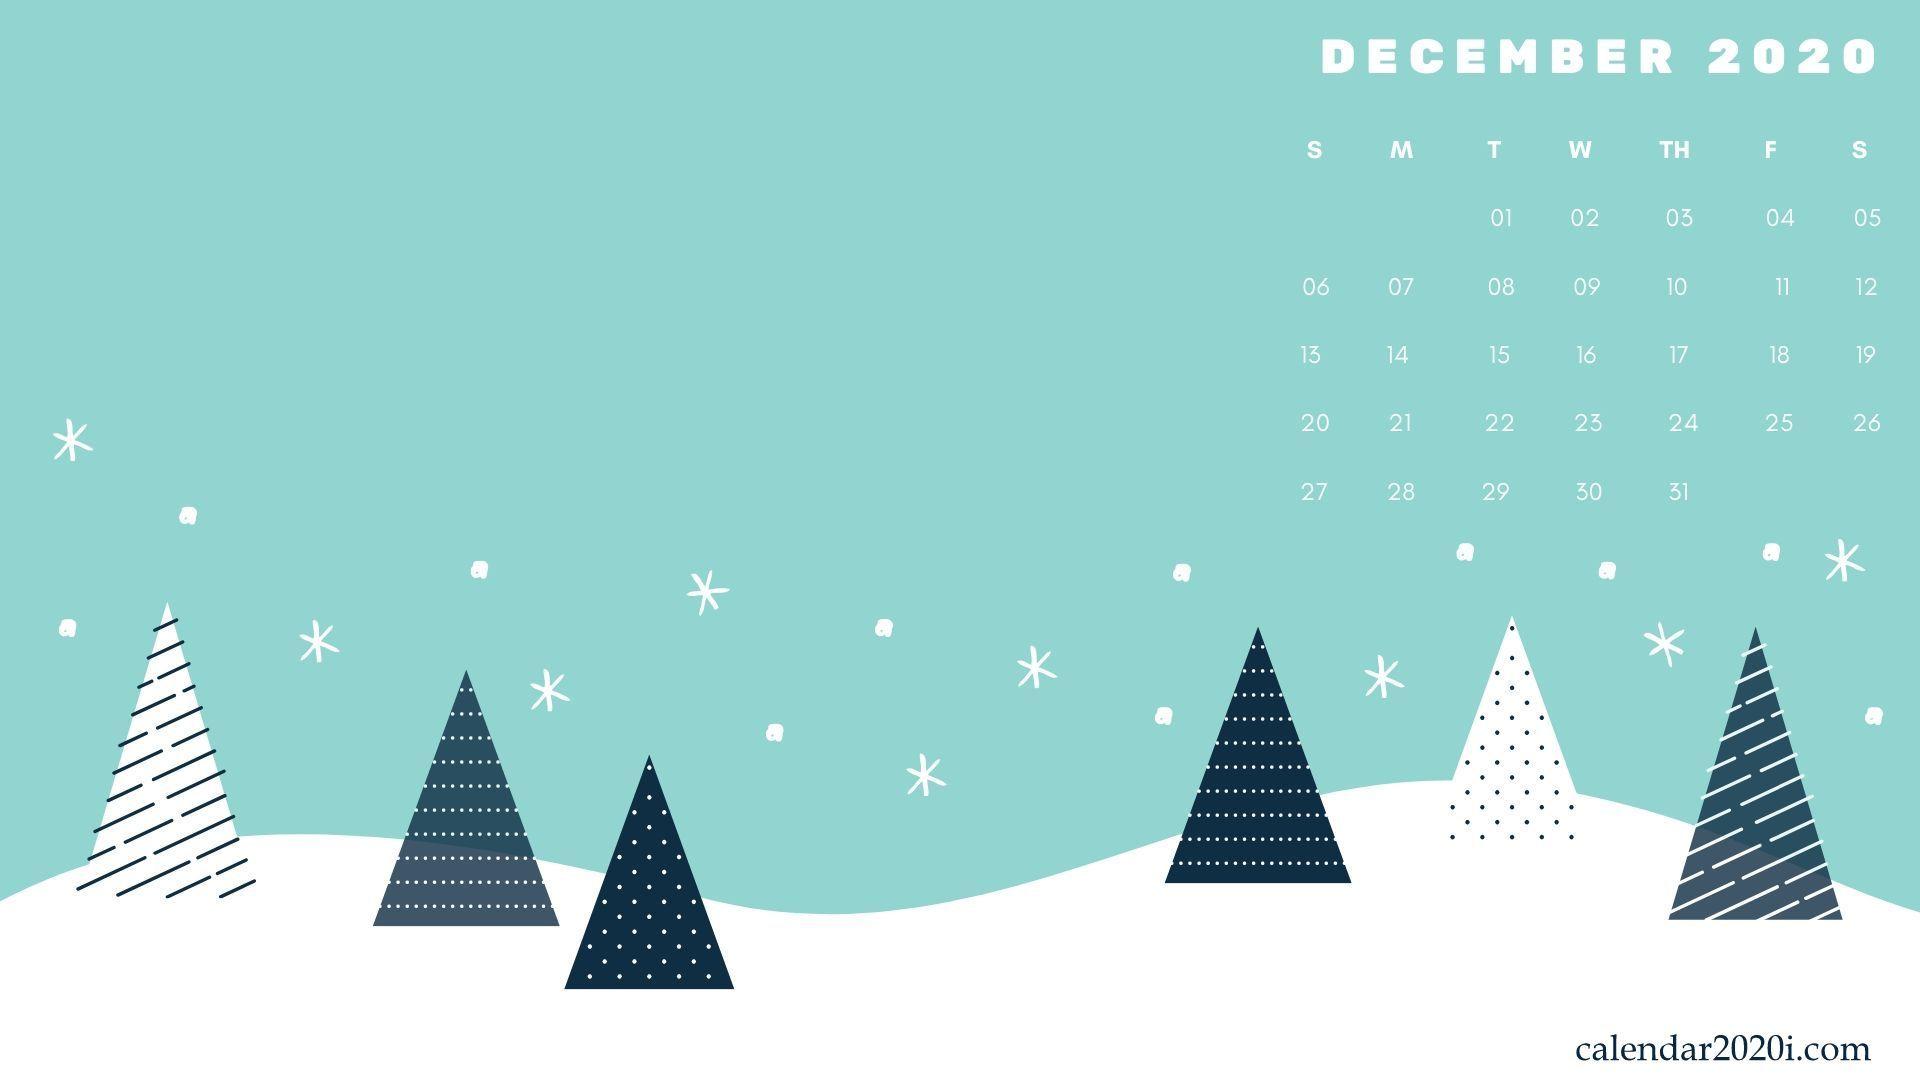 December 2020 Desktop Calendar in 2020 Calendar wallpaper 1920x1080